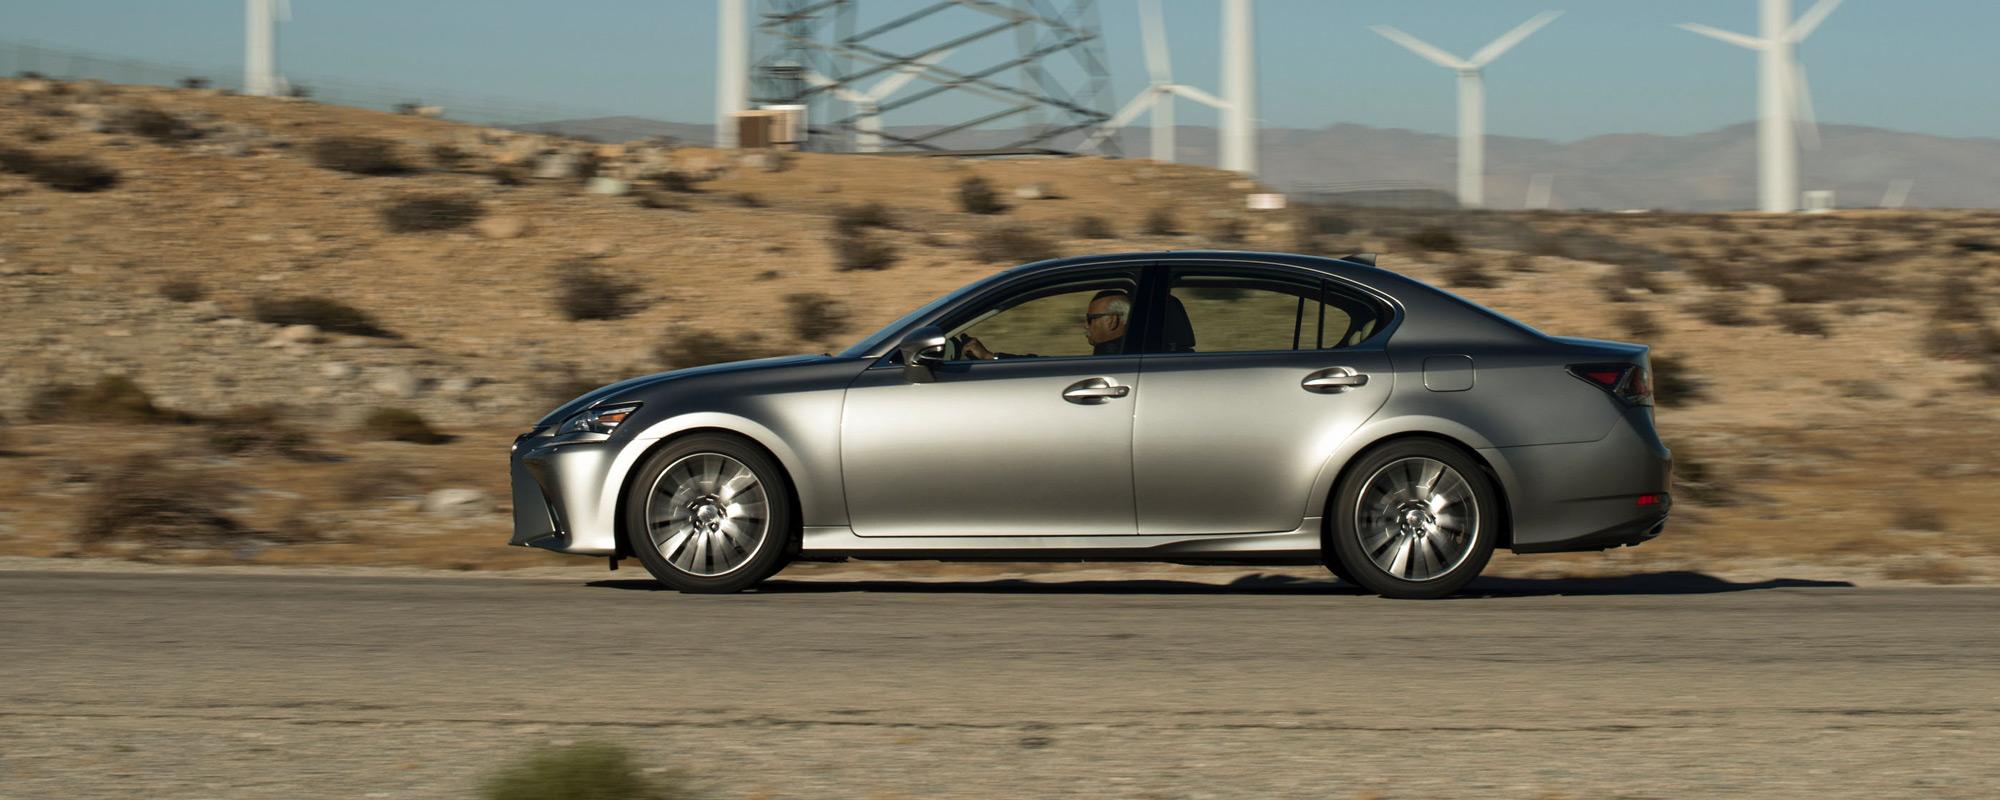 Lexus GS 300[h] in 2016 met 21% bijtelling